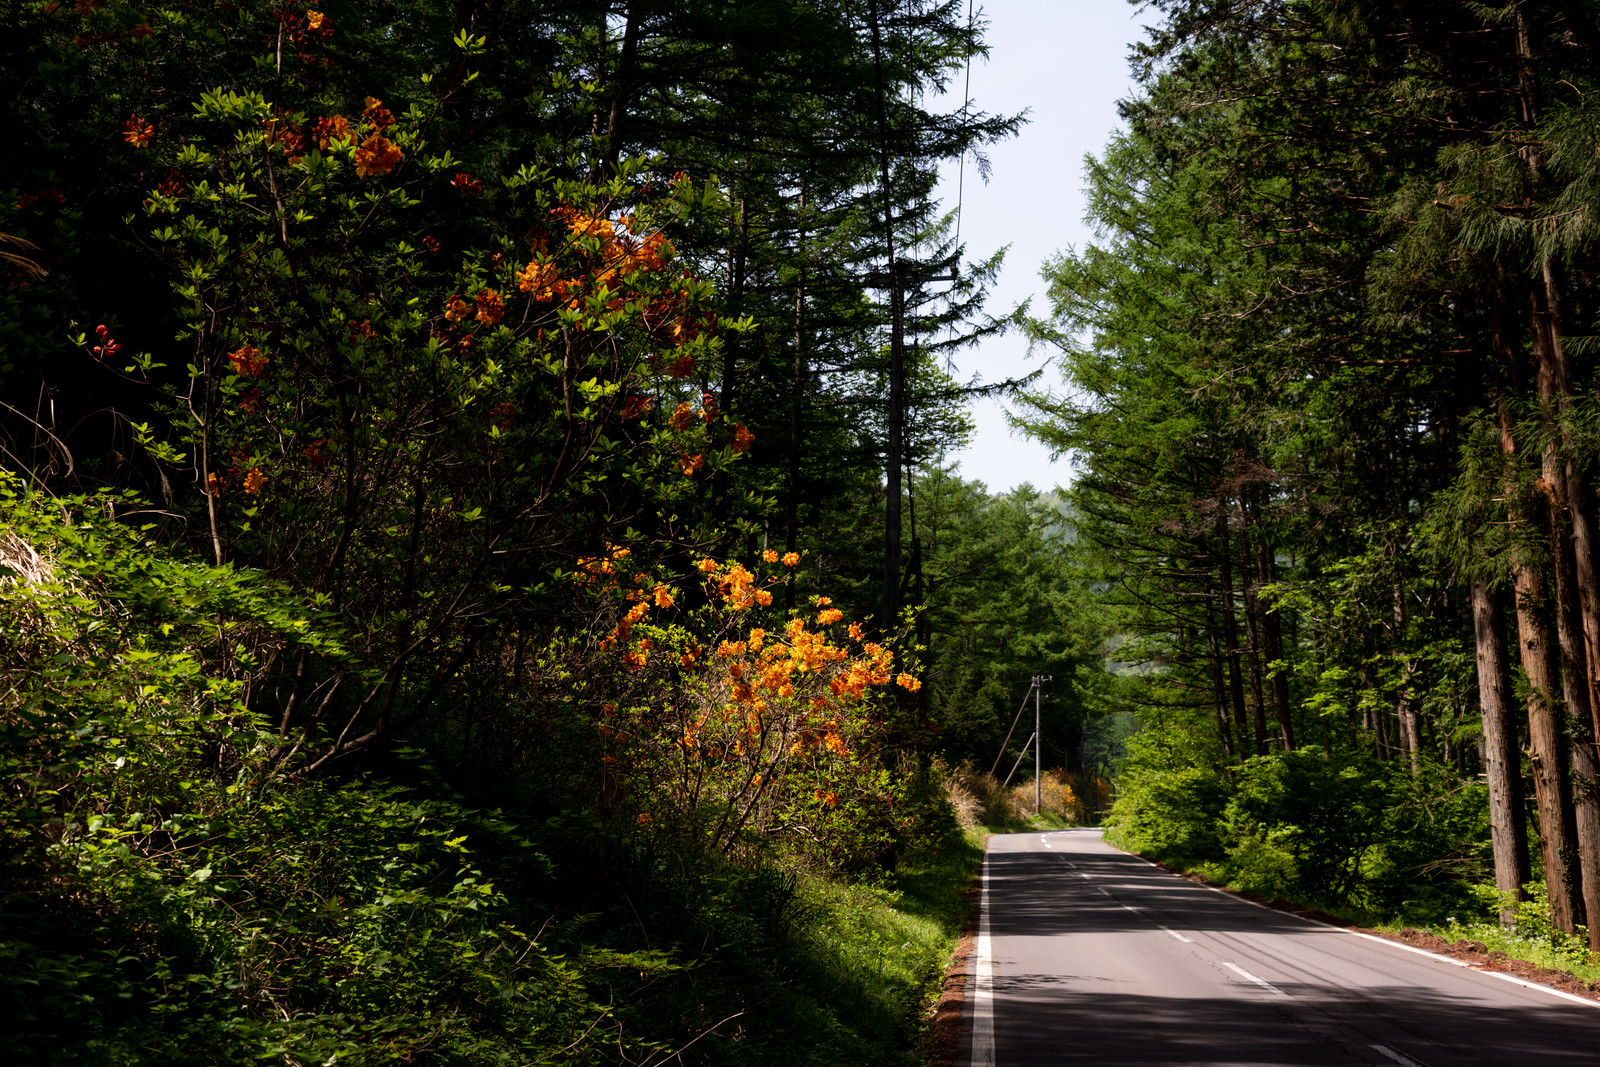 「森の車道沿いに咲くアザレア(西洋ツツジ)」の写真